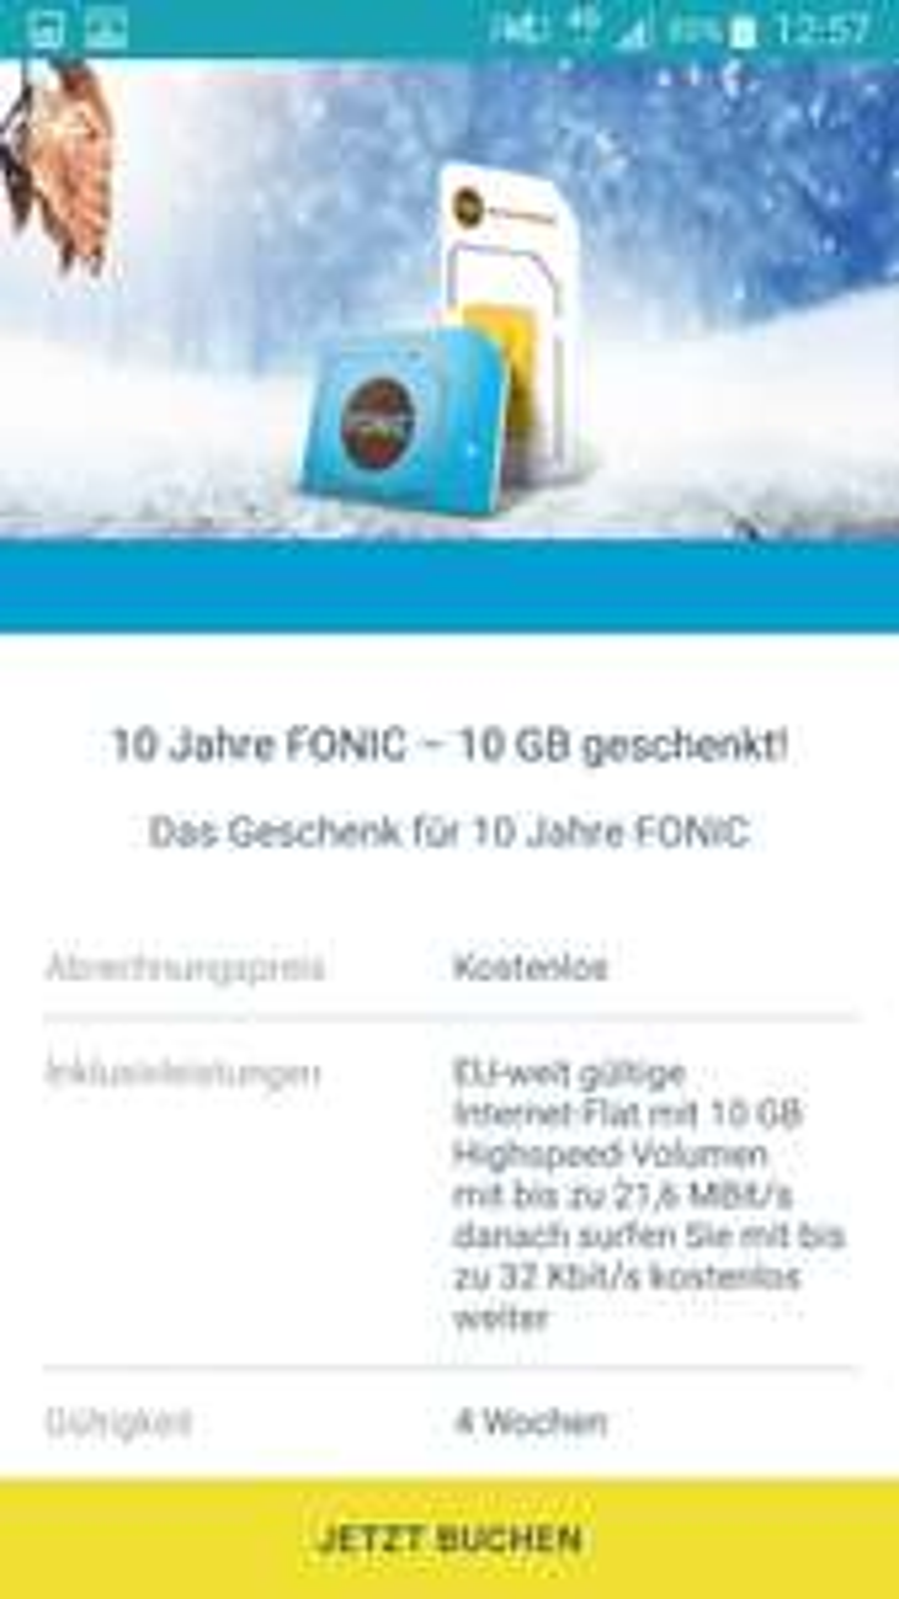 Fonic verschenkt 10GB an Neu und Bestandskunden